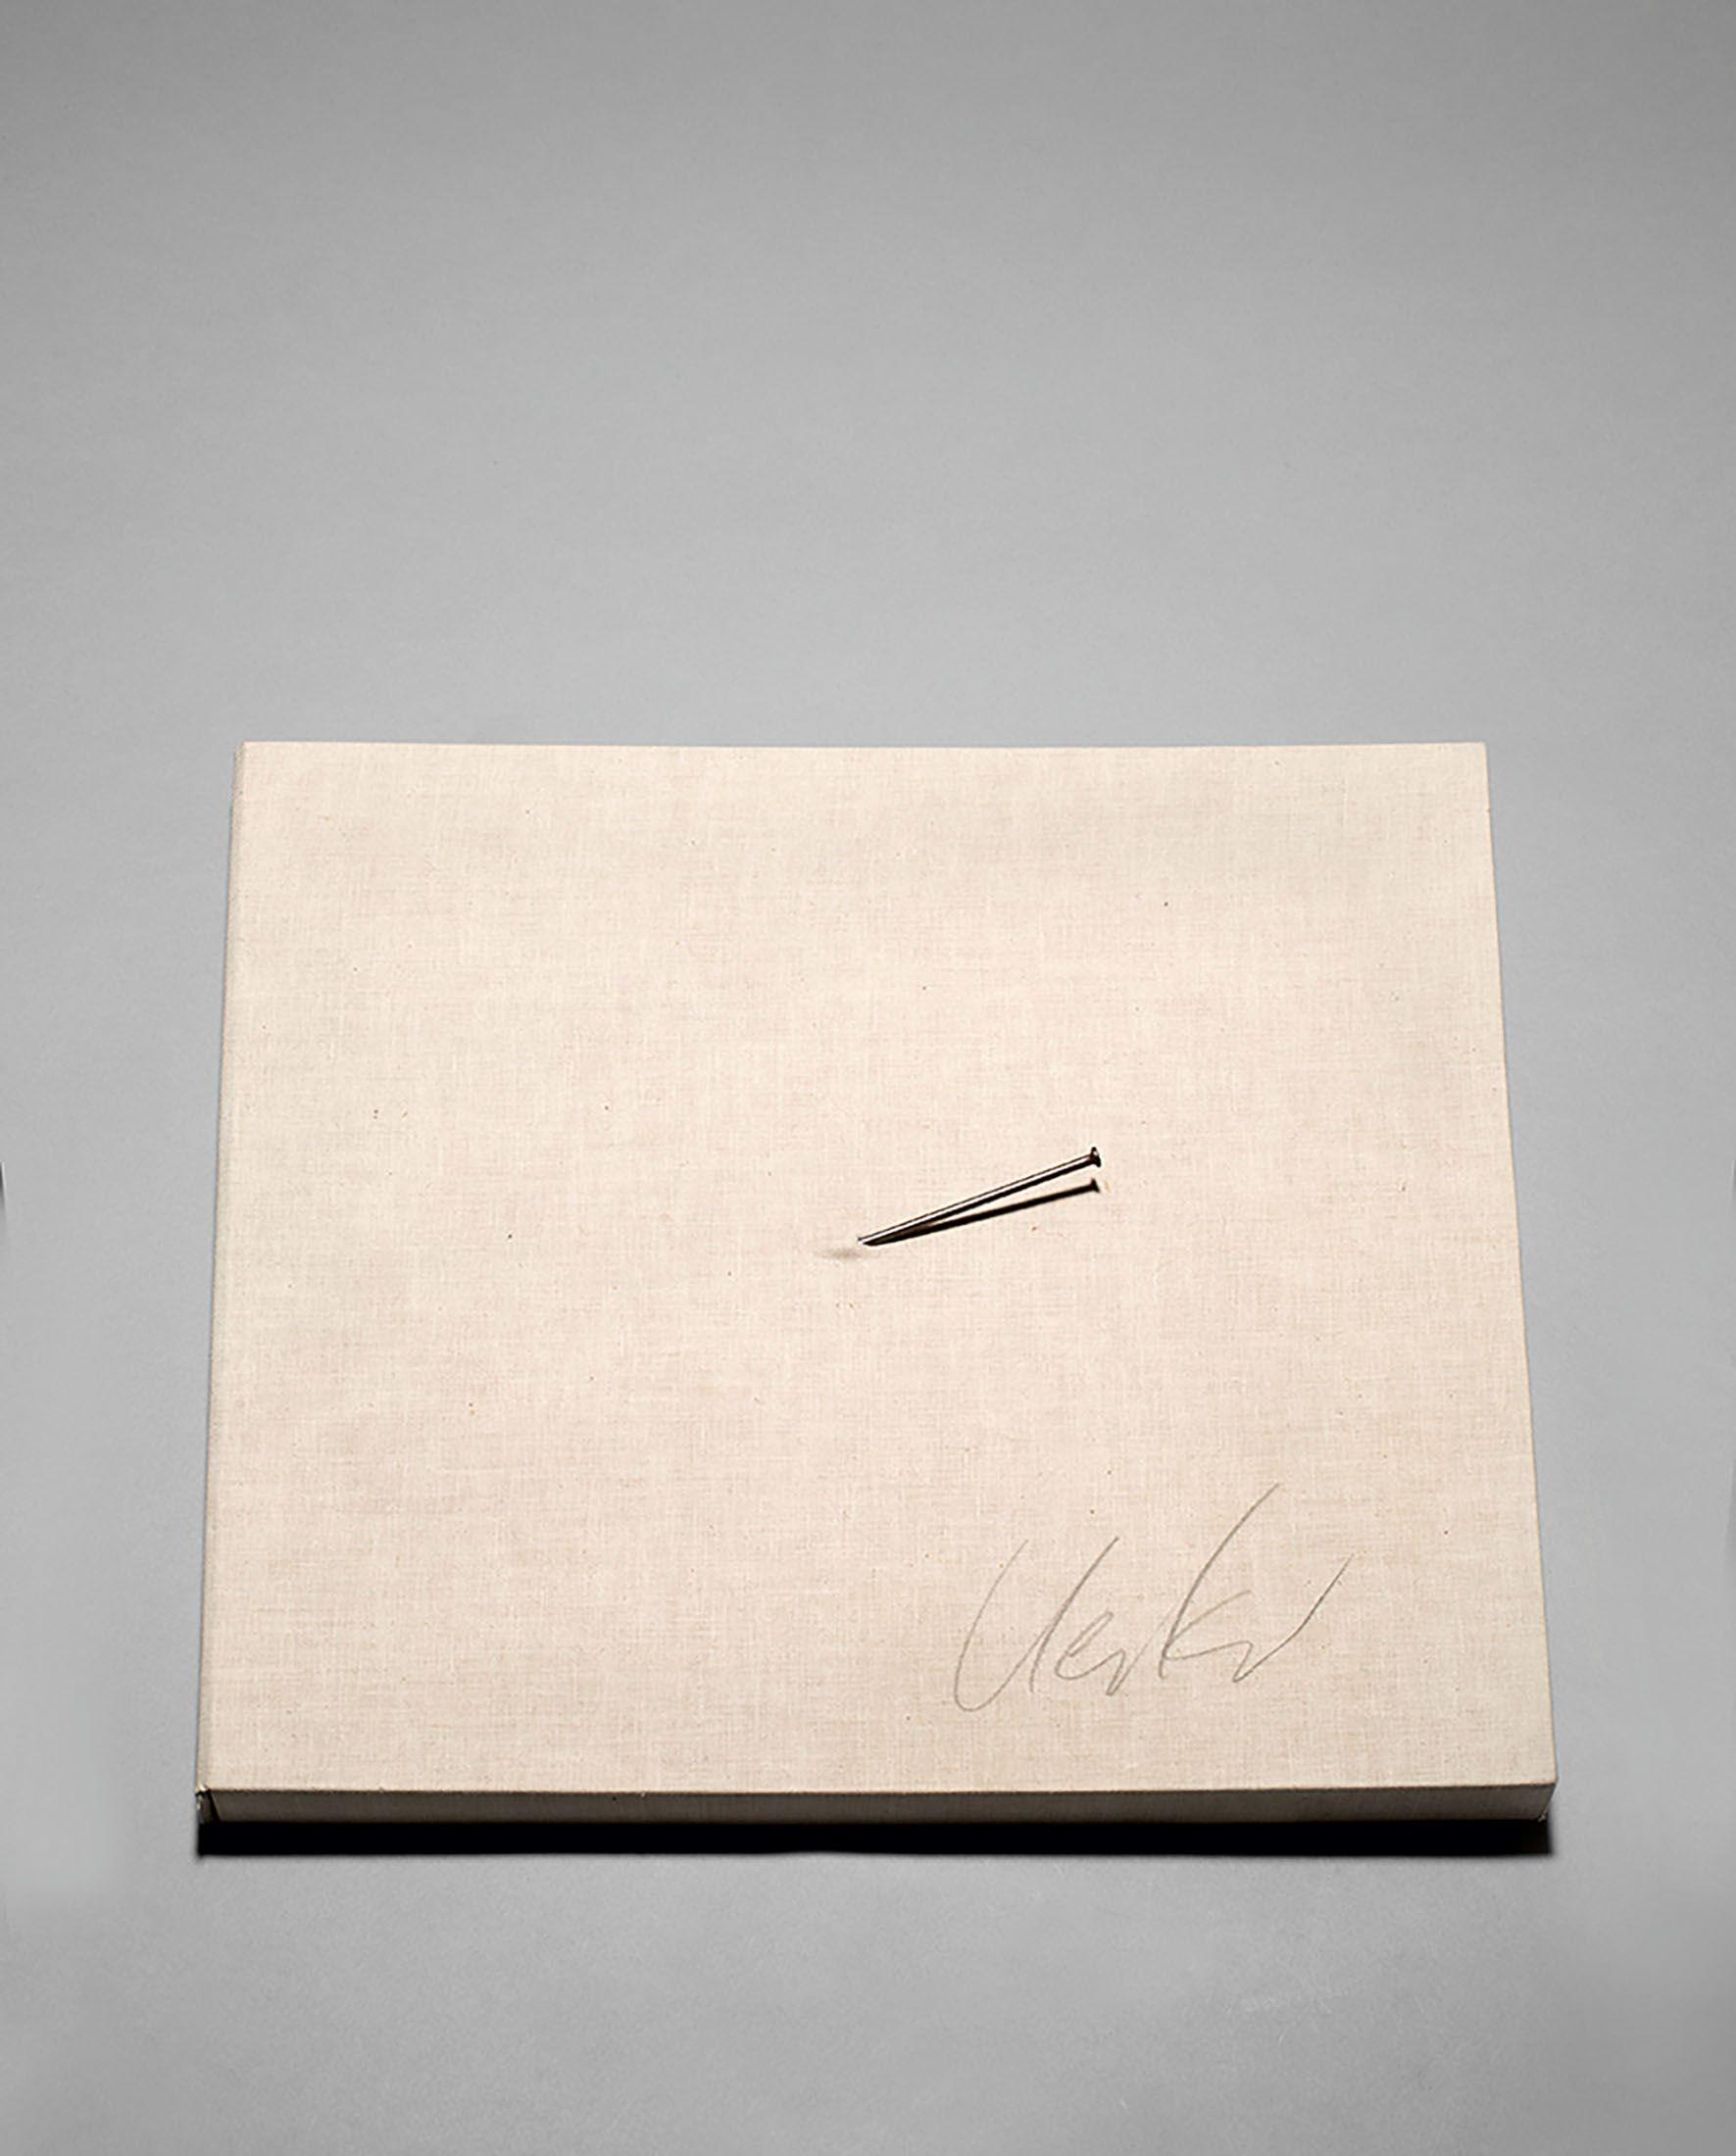 GÜNTHER UECKER (*1930 Wendorf) - UECKER, Nagel auf Original-Leinenkassette mit 2 Radierungen, Prägedruck und 2 Lithografien, jeweils auf Velin bzw. Papier, und Katalog, signiert, 1970